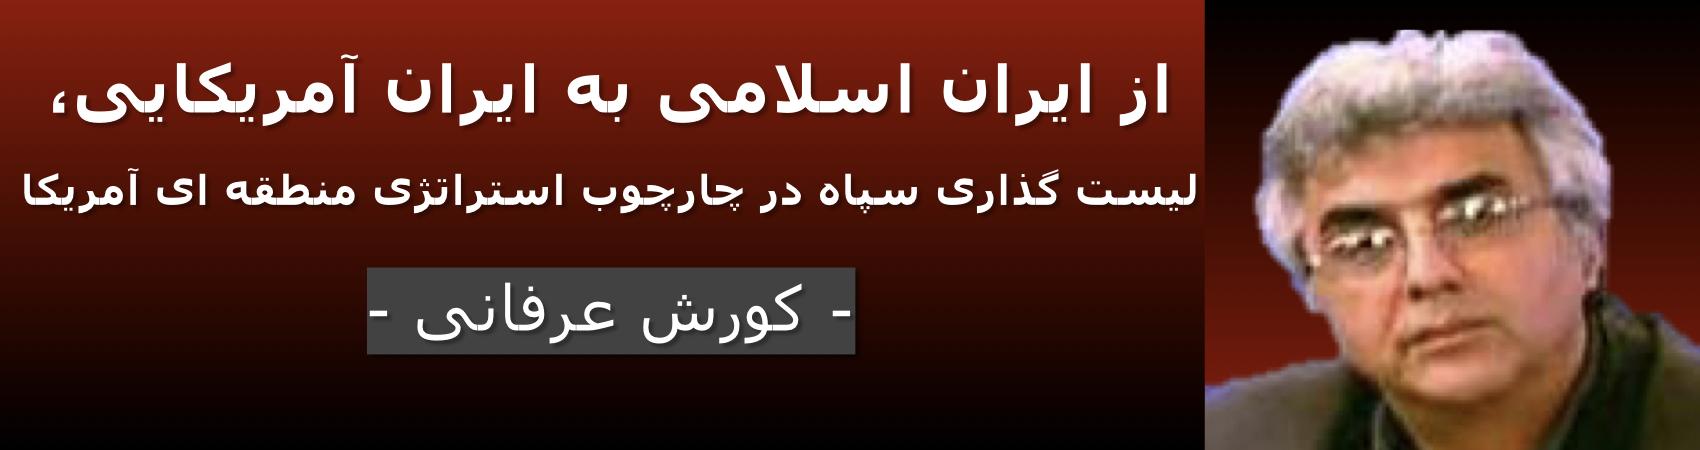 از ایران اسلامی به ایران آمریکایی، لیست گذاری سپاه در چارچوب استراتژی منطقه ای آمریکا